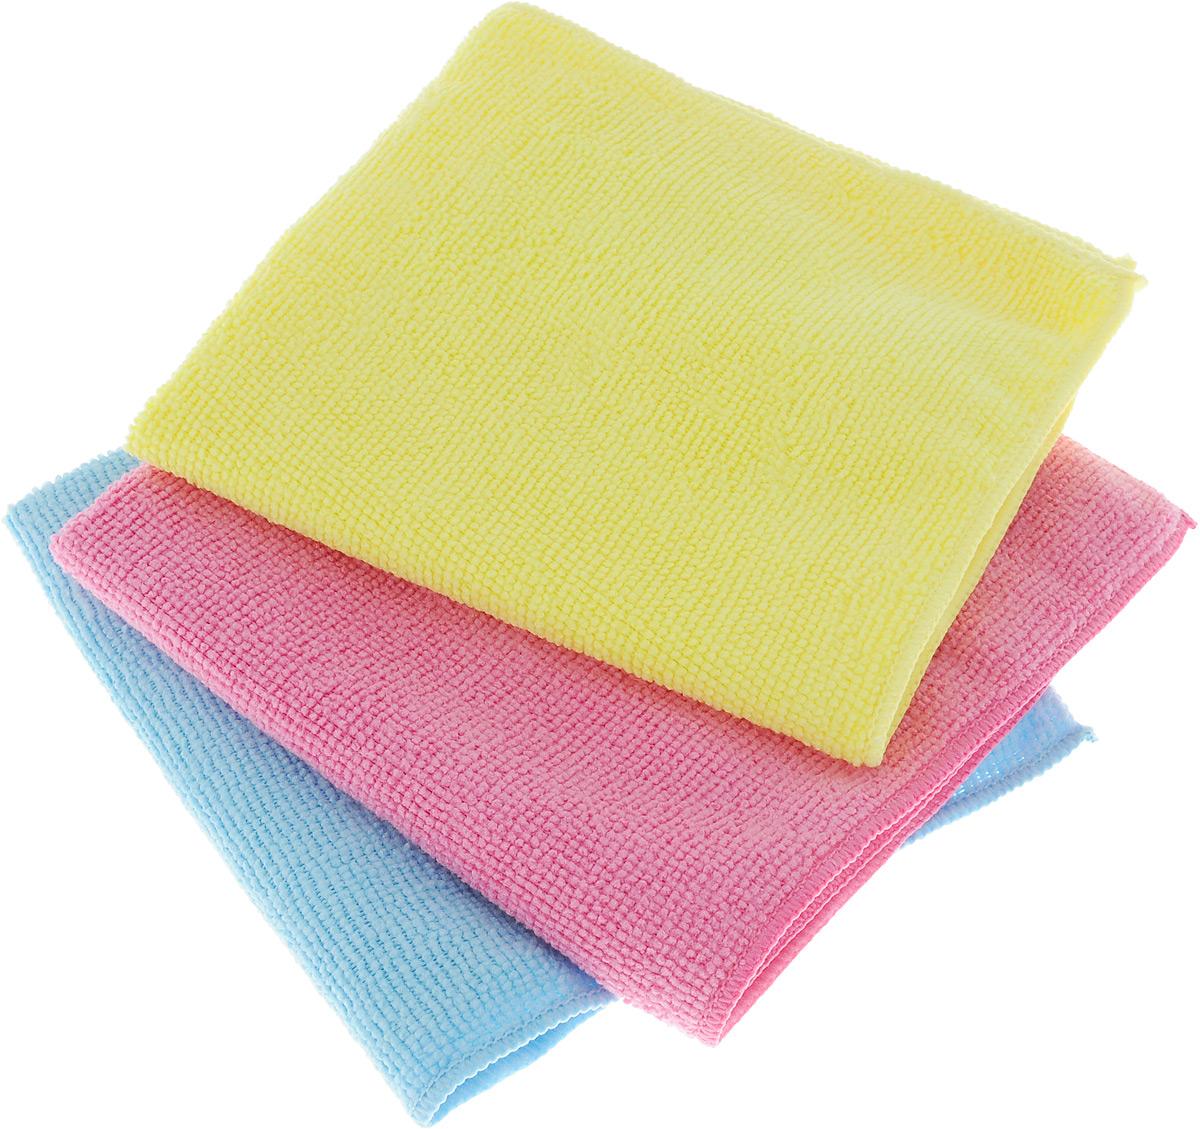 Набор салфеток для уборки Sol, из микрофибры, 30 x 30 см, 3 штRC-100BPCНабор салфеток Sol выполнен из микрофибры. Микрофибра - это ткань из тонких микроволокон, которая эффективно очищает поверхности благодаря капиллярному эффектумежду ними. Такая салфетка может использоватьсякак для сухой, так и для влажной уборки. Деликатно очищает любые поверхности, не оставляя следов и разводов. Идеально подходит для протирки полированной мебели. Сохраняетсвои свойства после стирки.Размер салфетки: 30 х 30 см.